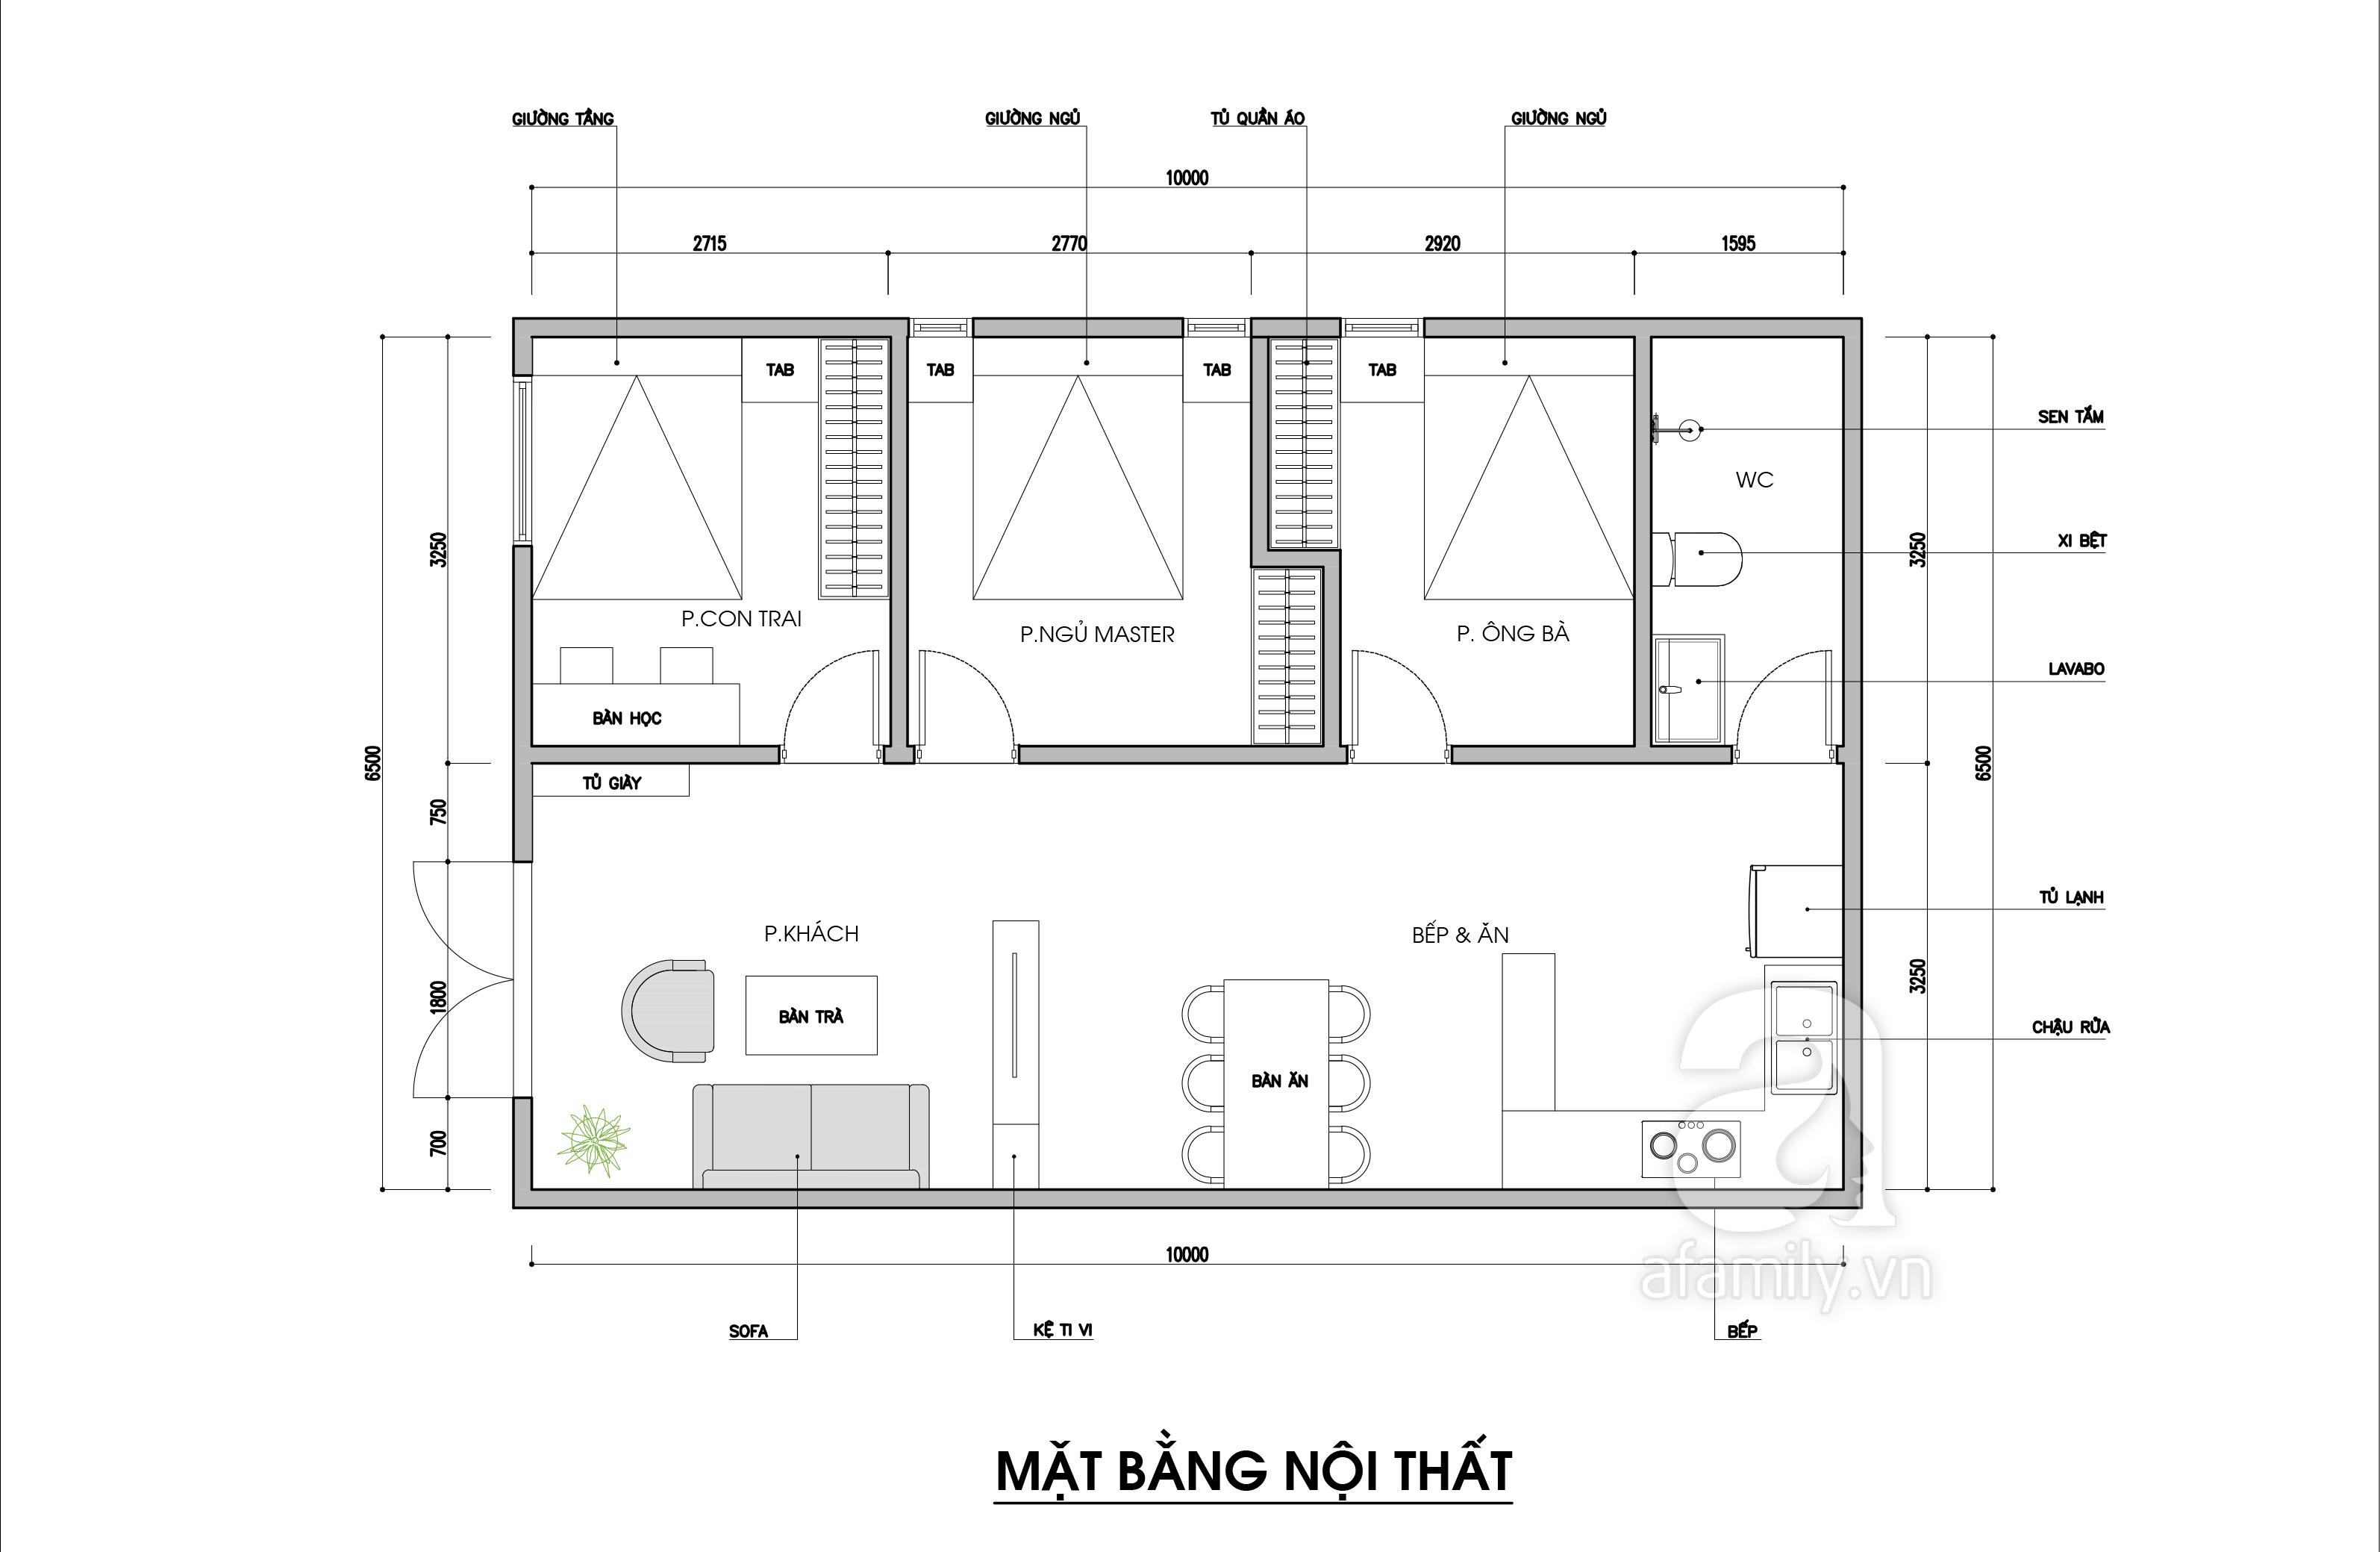 Tư vấn thiết kế cho nhà cấp 4 diện tích 65m², 3 phòng ngủ với chi phí 70 triệu đồng